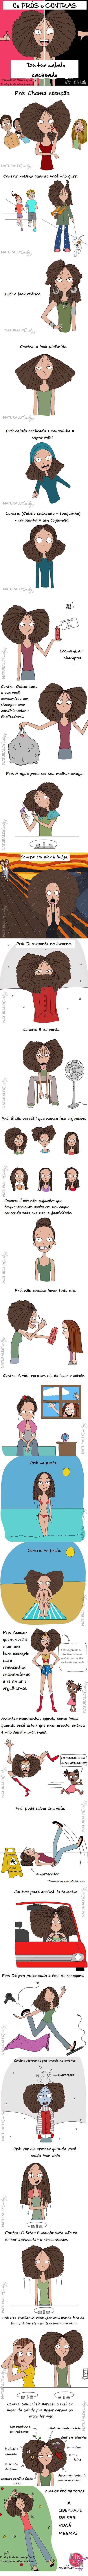 Prós e contras do cabelo cacheado. #euamomeuscachos